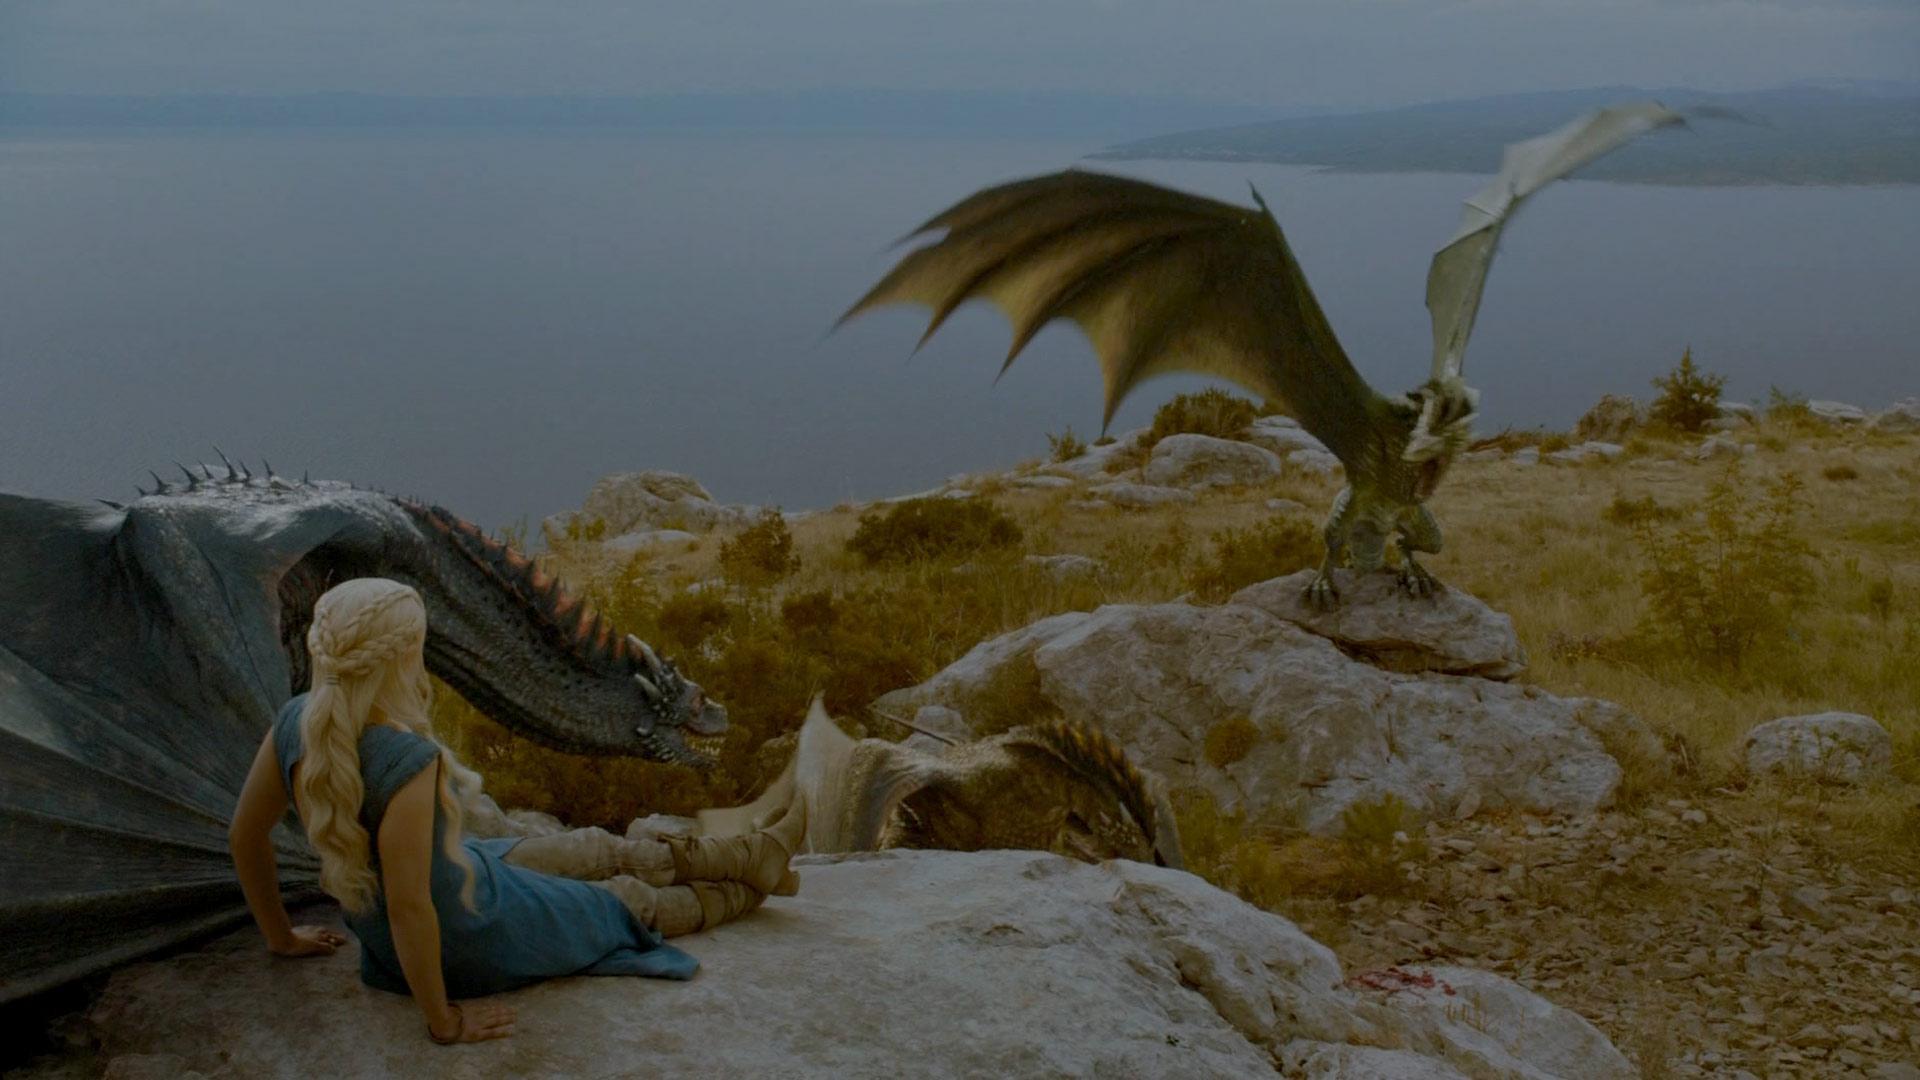 сможет ли дракон оторваться от земли